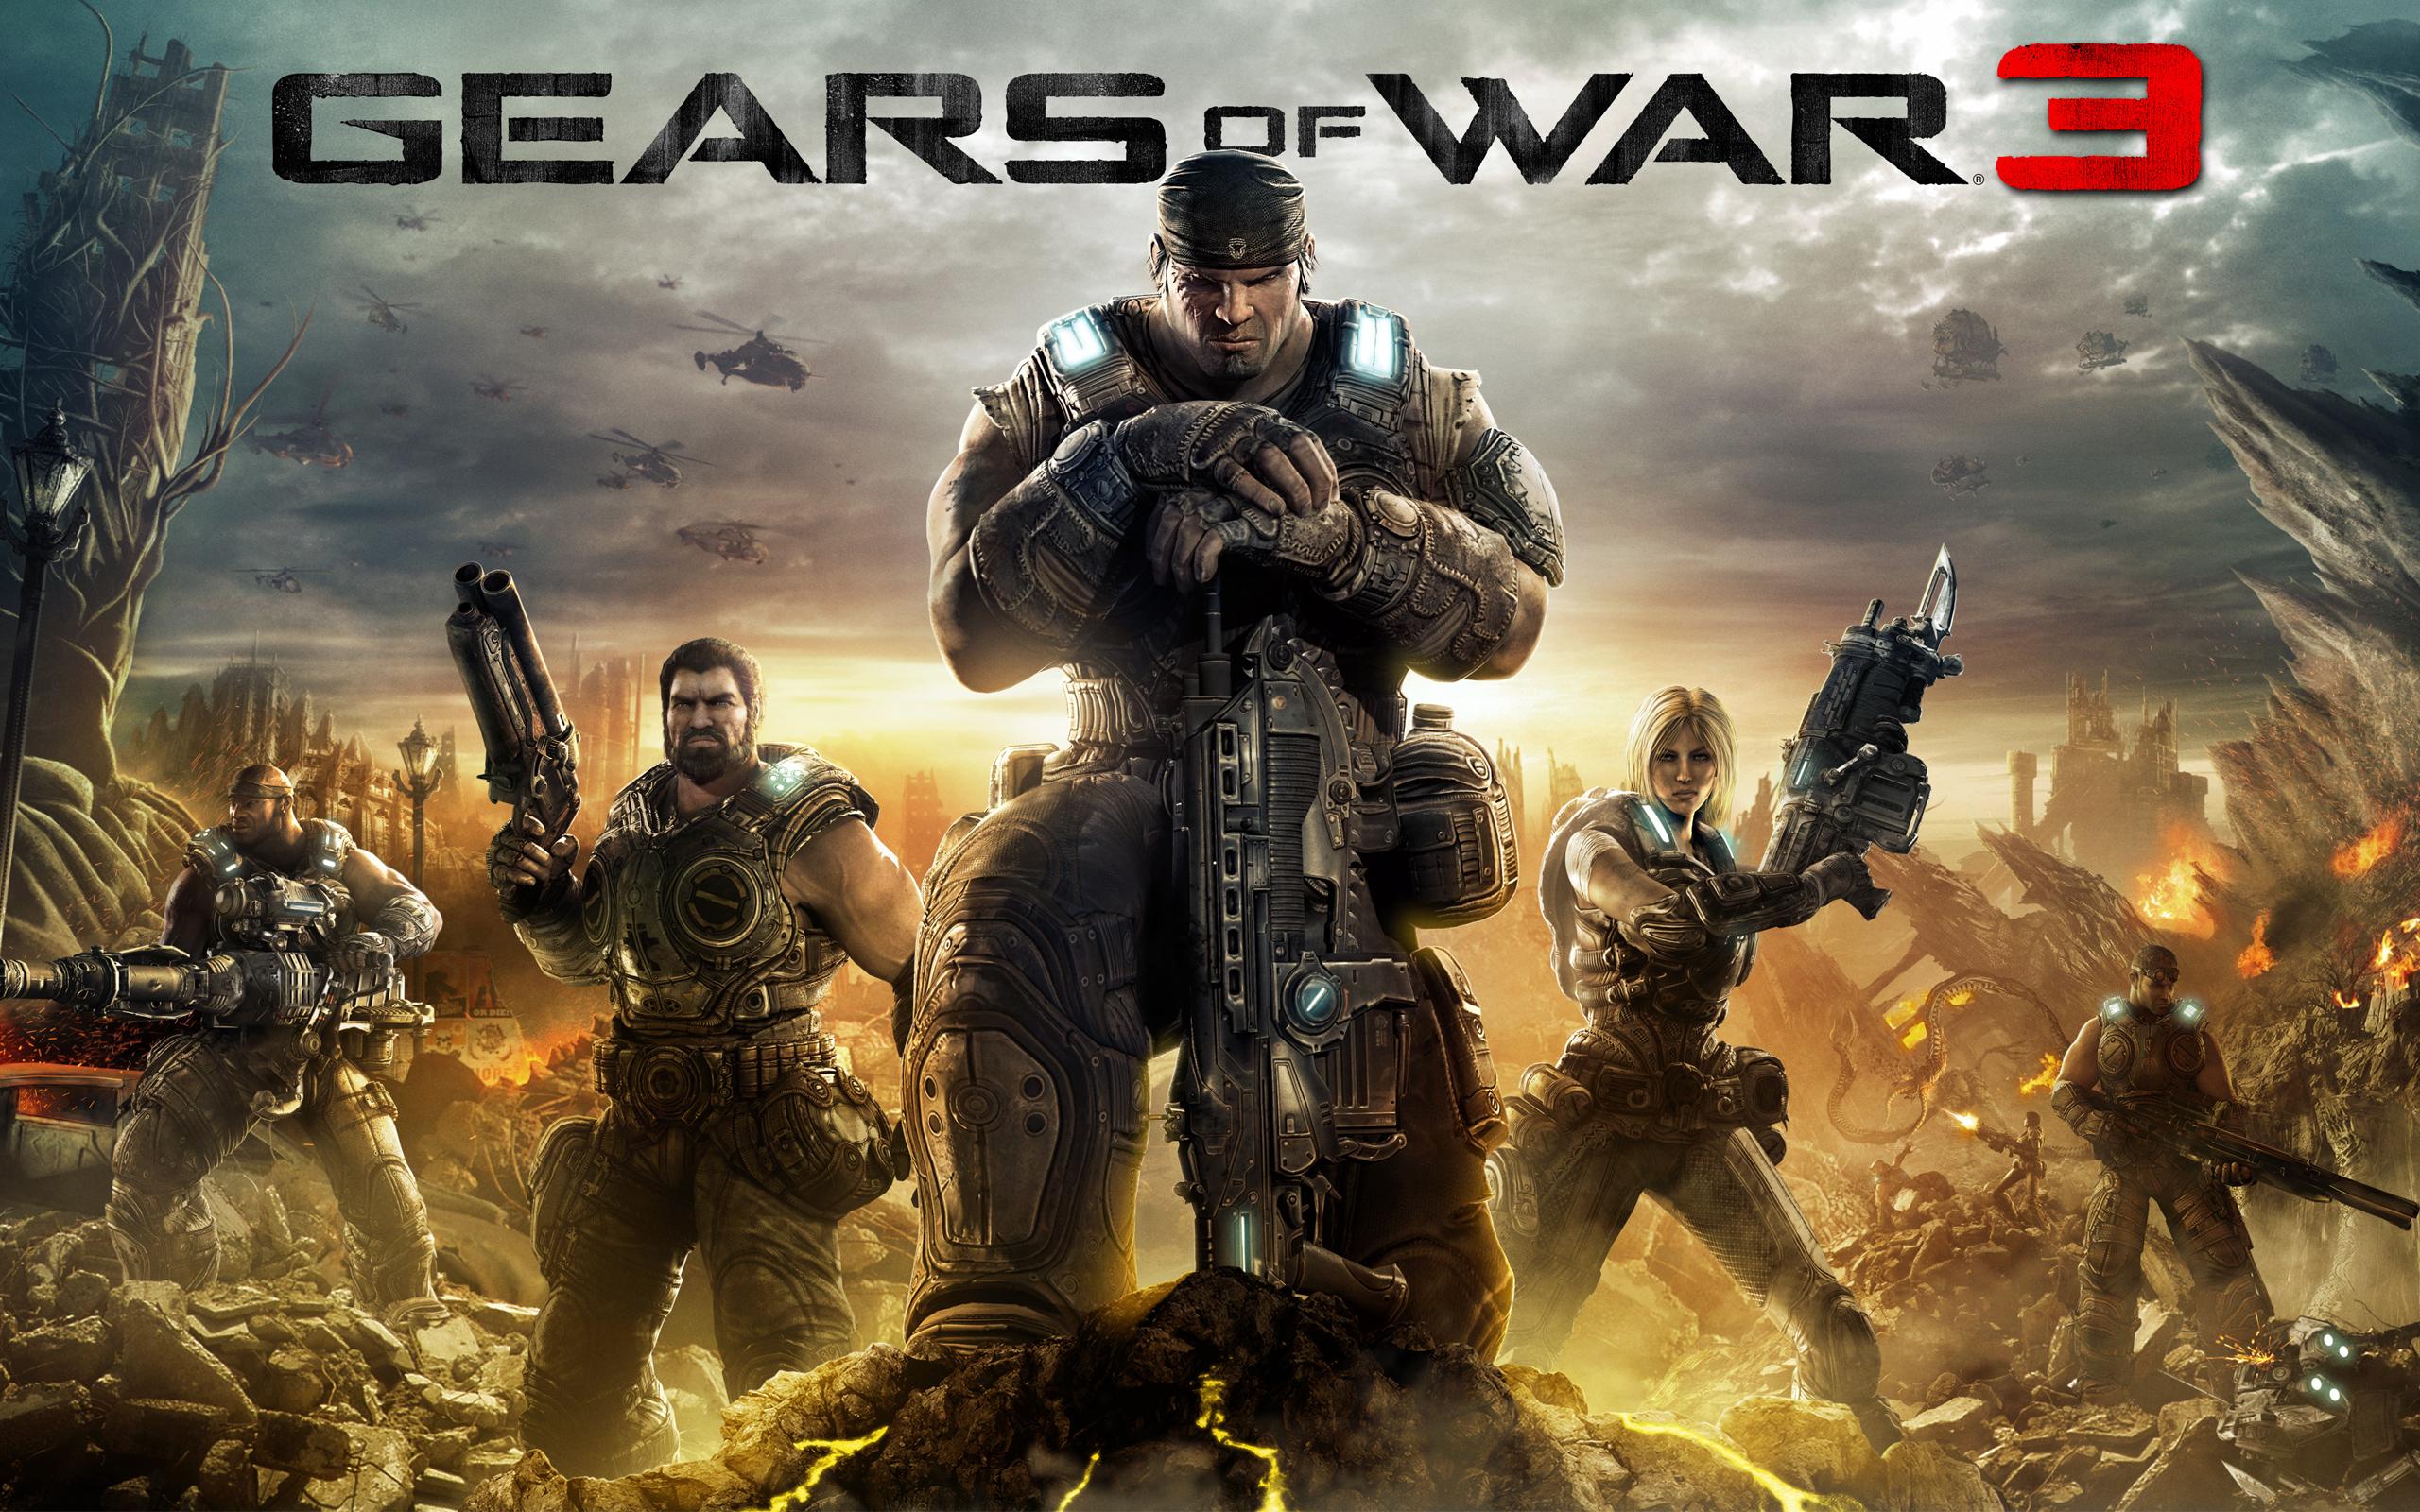 2011 Gears of War 3 Wallpapers | HD Wallpapers